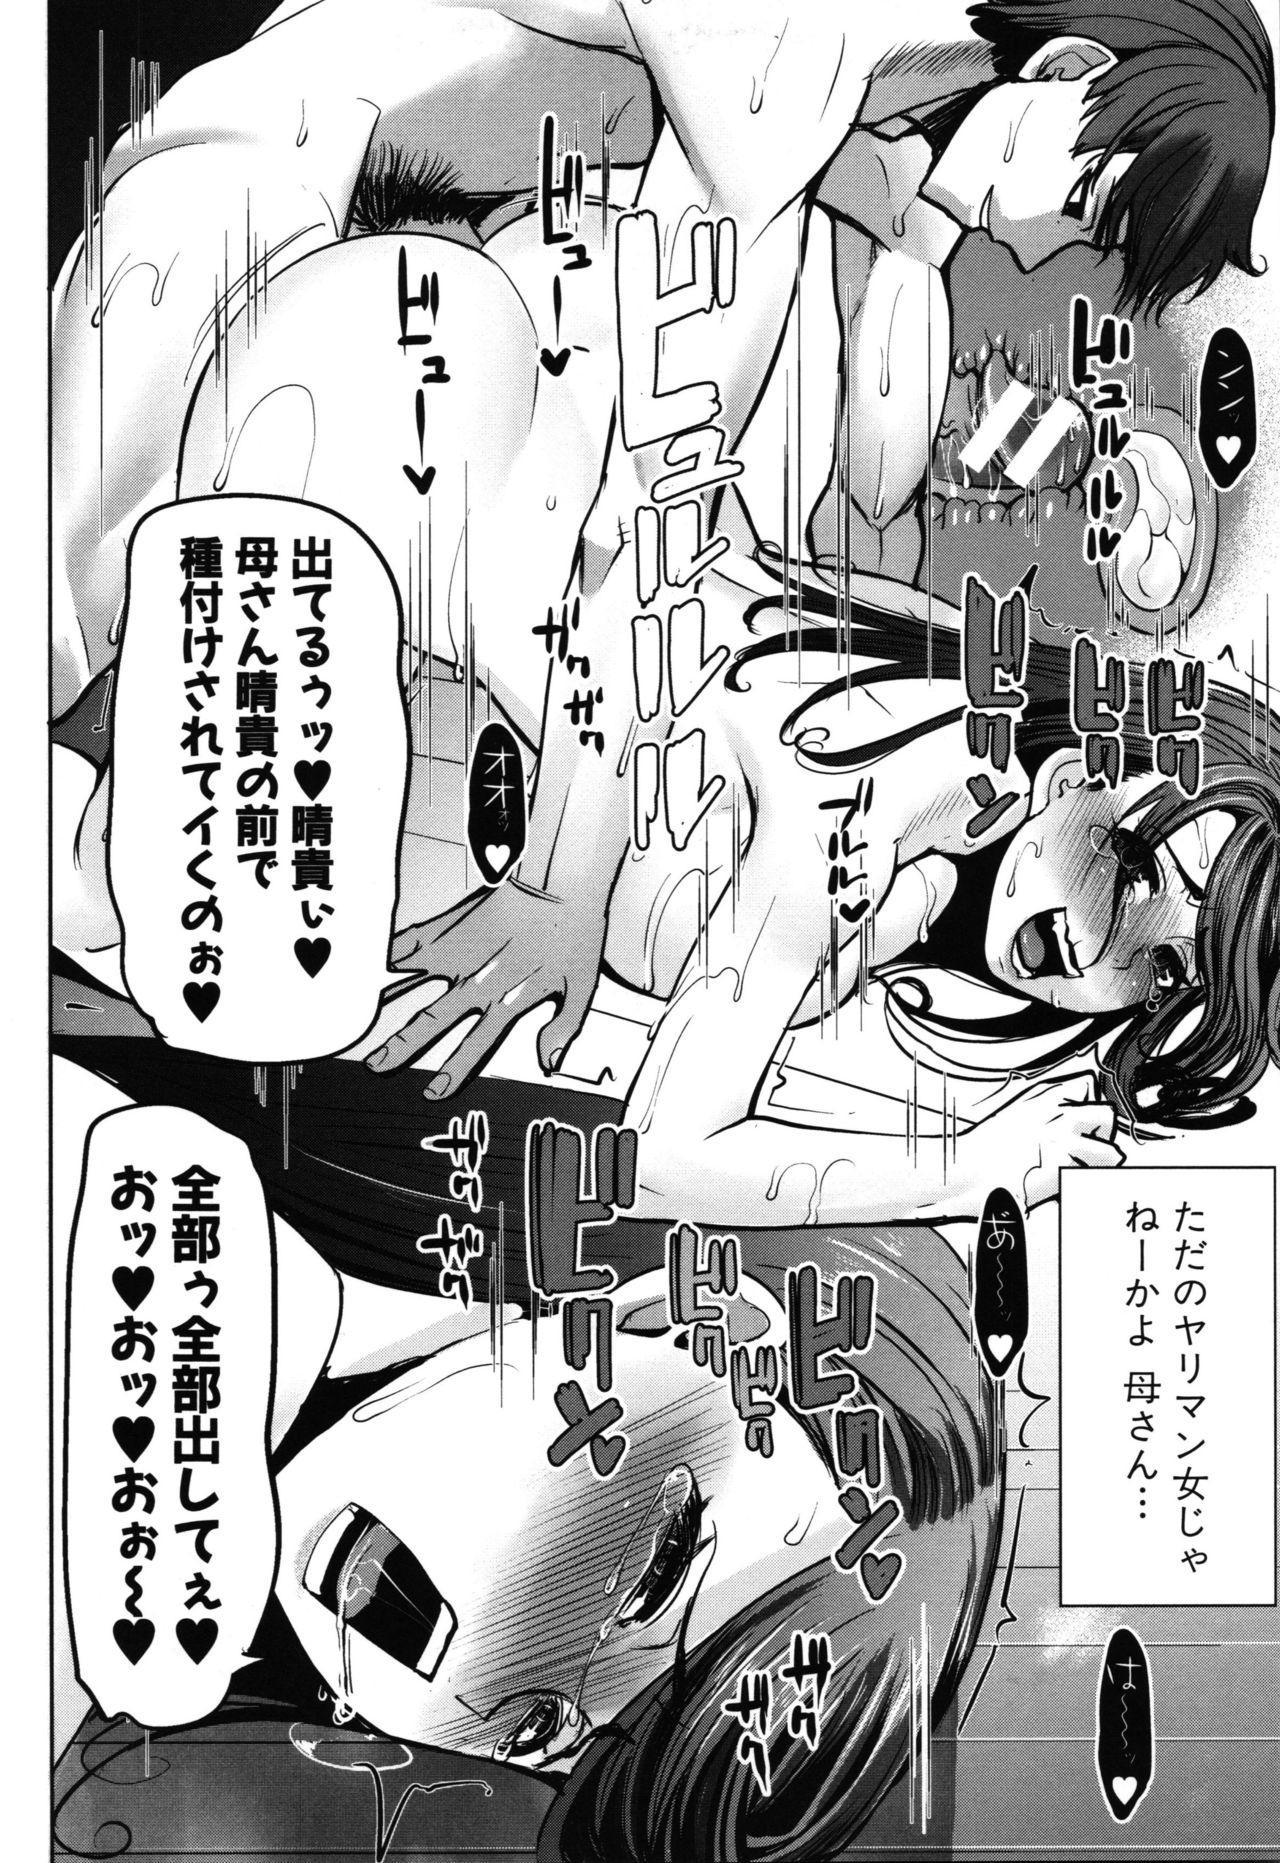 Unsweet - Asahina Ikka Netorareta Haha · Tomoko 169